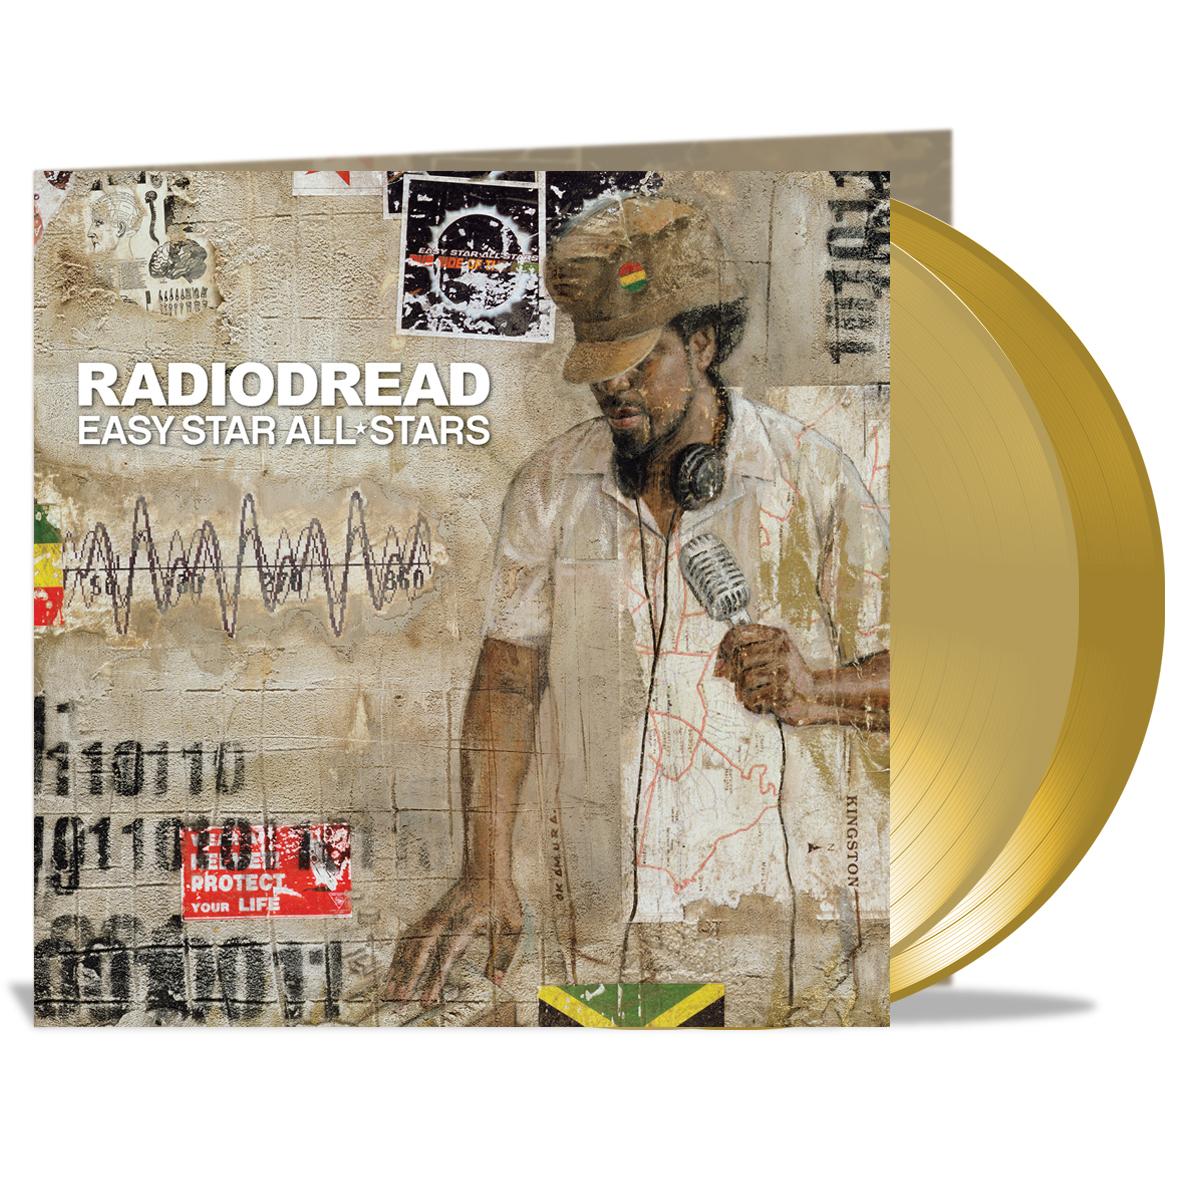 Radiodread LP Deluxe